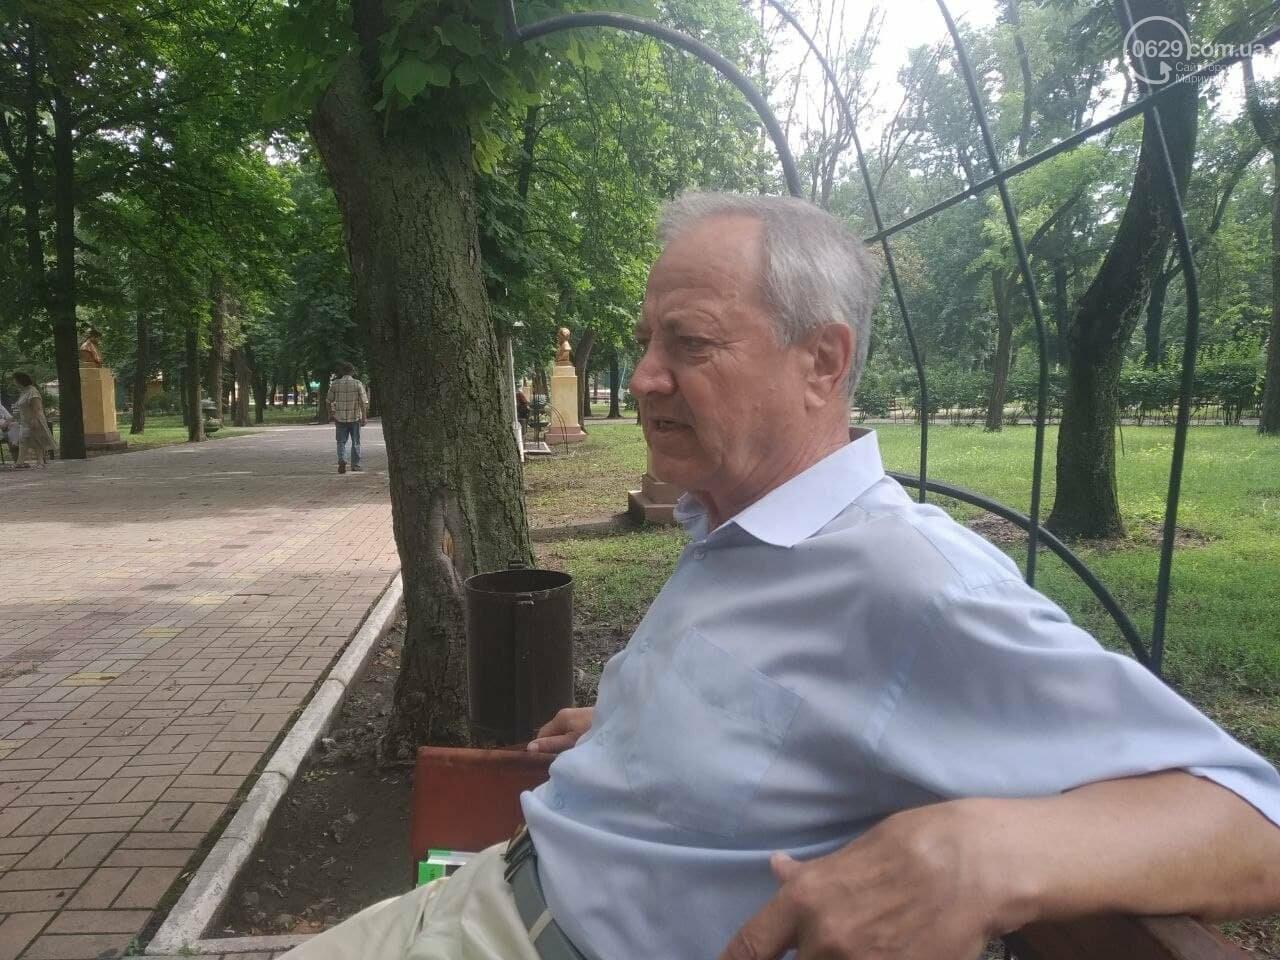 """""""Я не был суперпатриотом"""". Как в СССР становились градоначальниками. Интервью с Юрием Хотлубеем. Часть 2, - ФОТО, фото-6"""